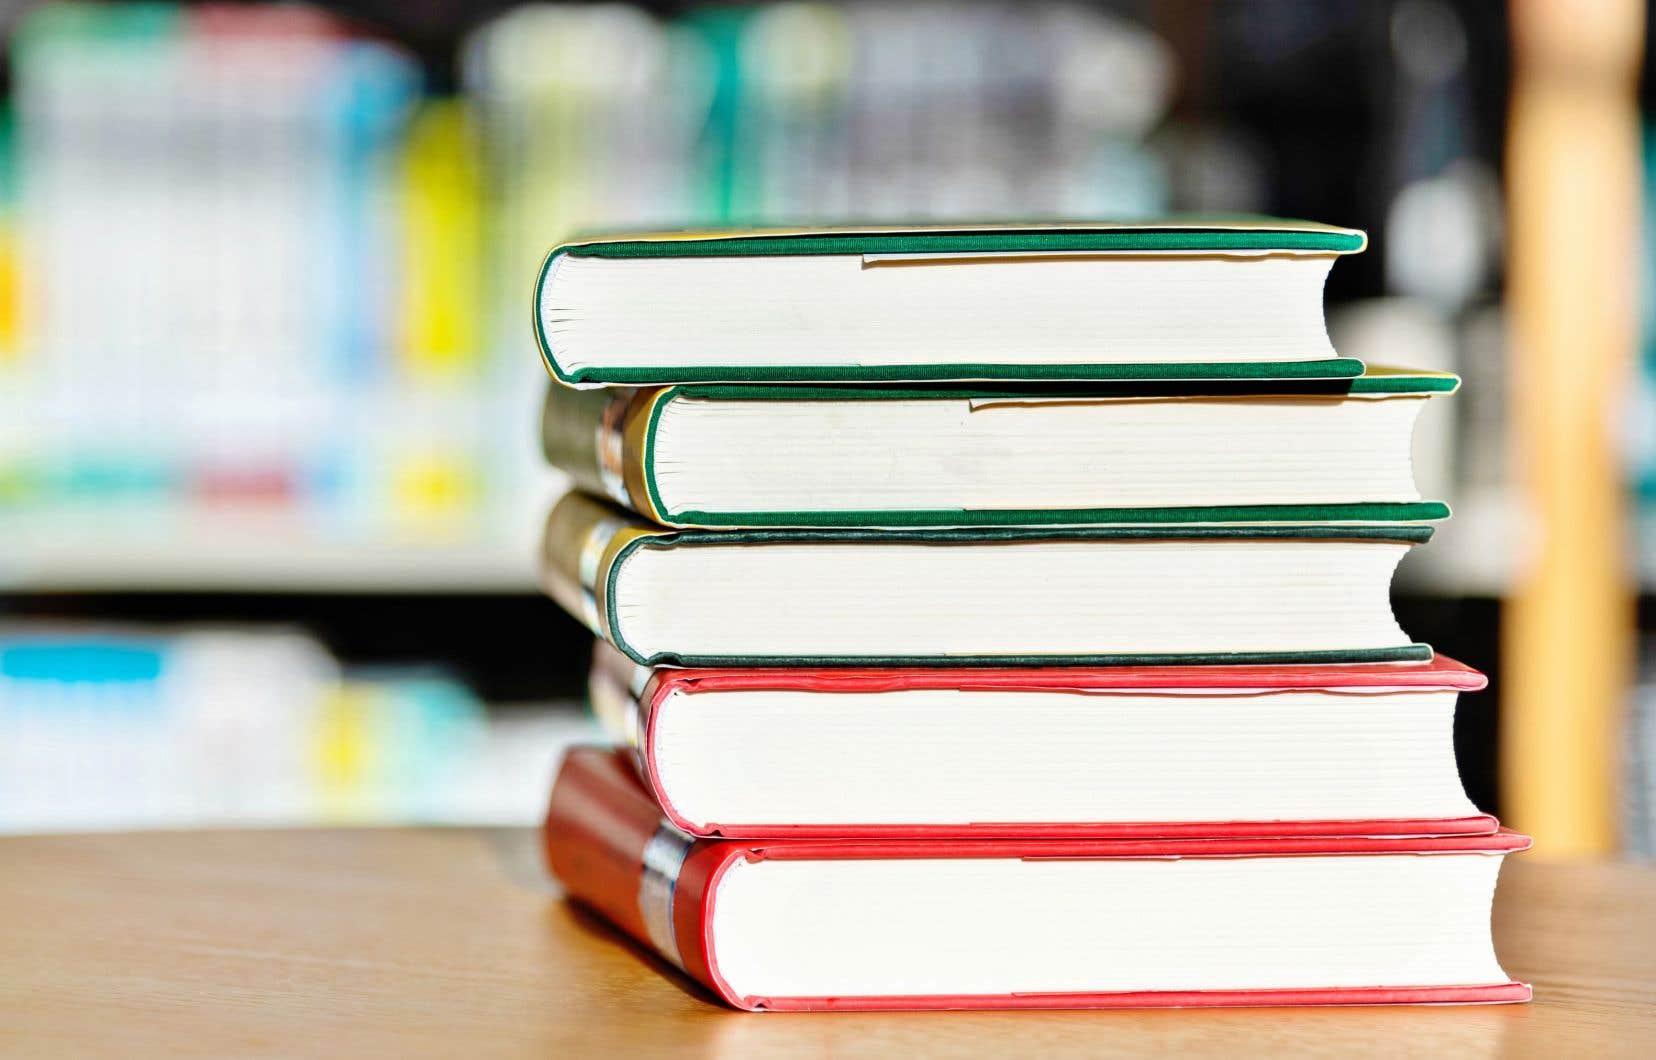 L'organisme organise des ateliers d'alphabétisation populaire favorisant le développement des capacités de lecture, entre autres.